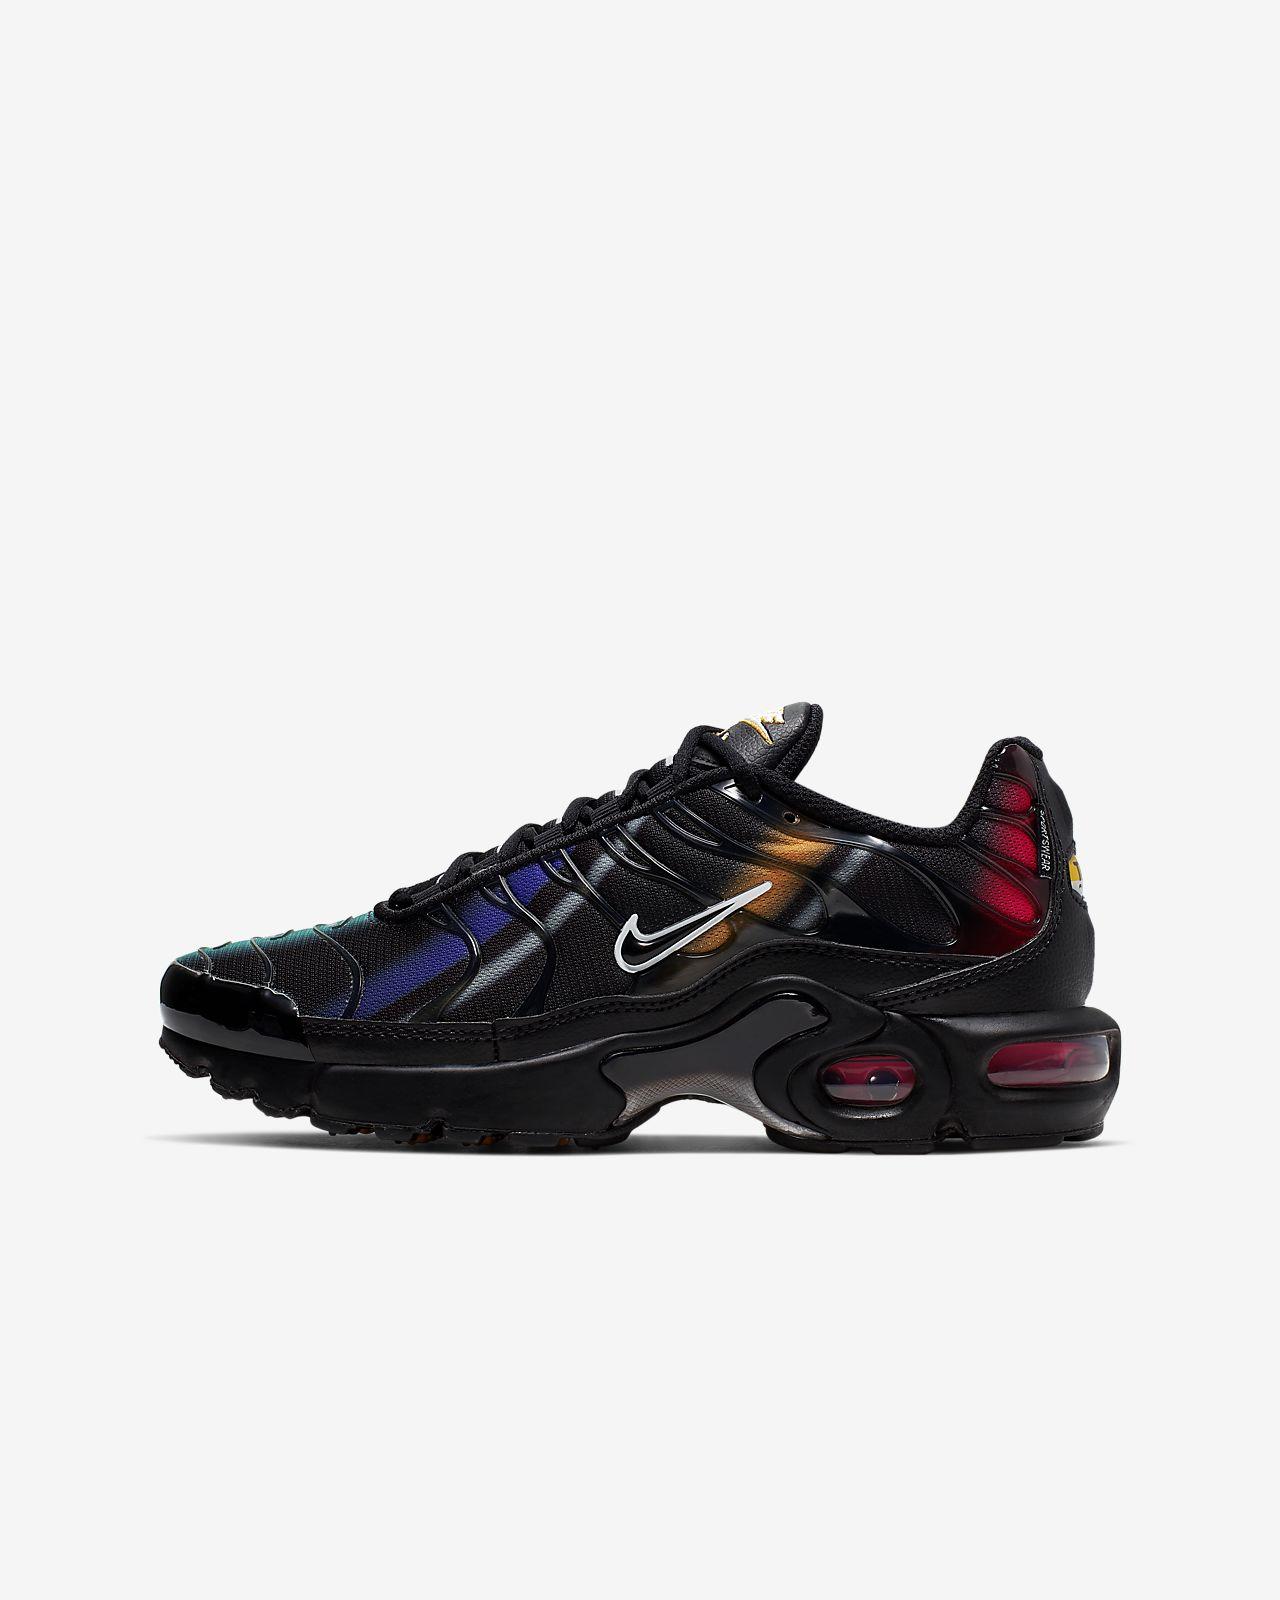 Nike Air Max Plus Game Genç Çocuk Ayakkabısı